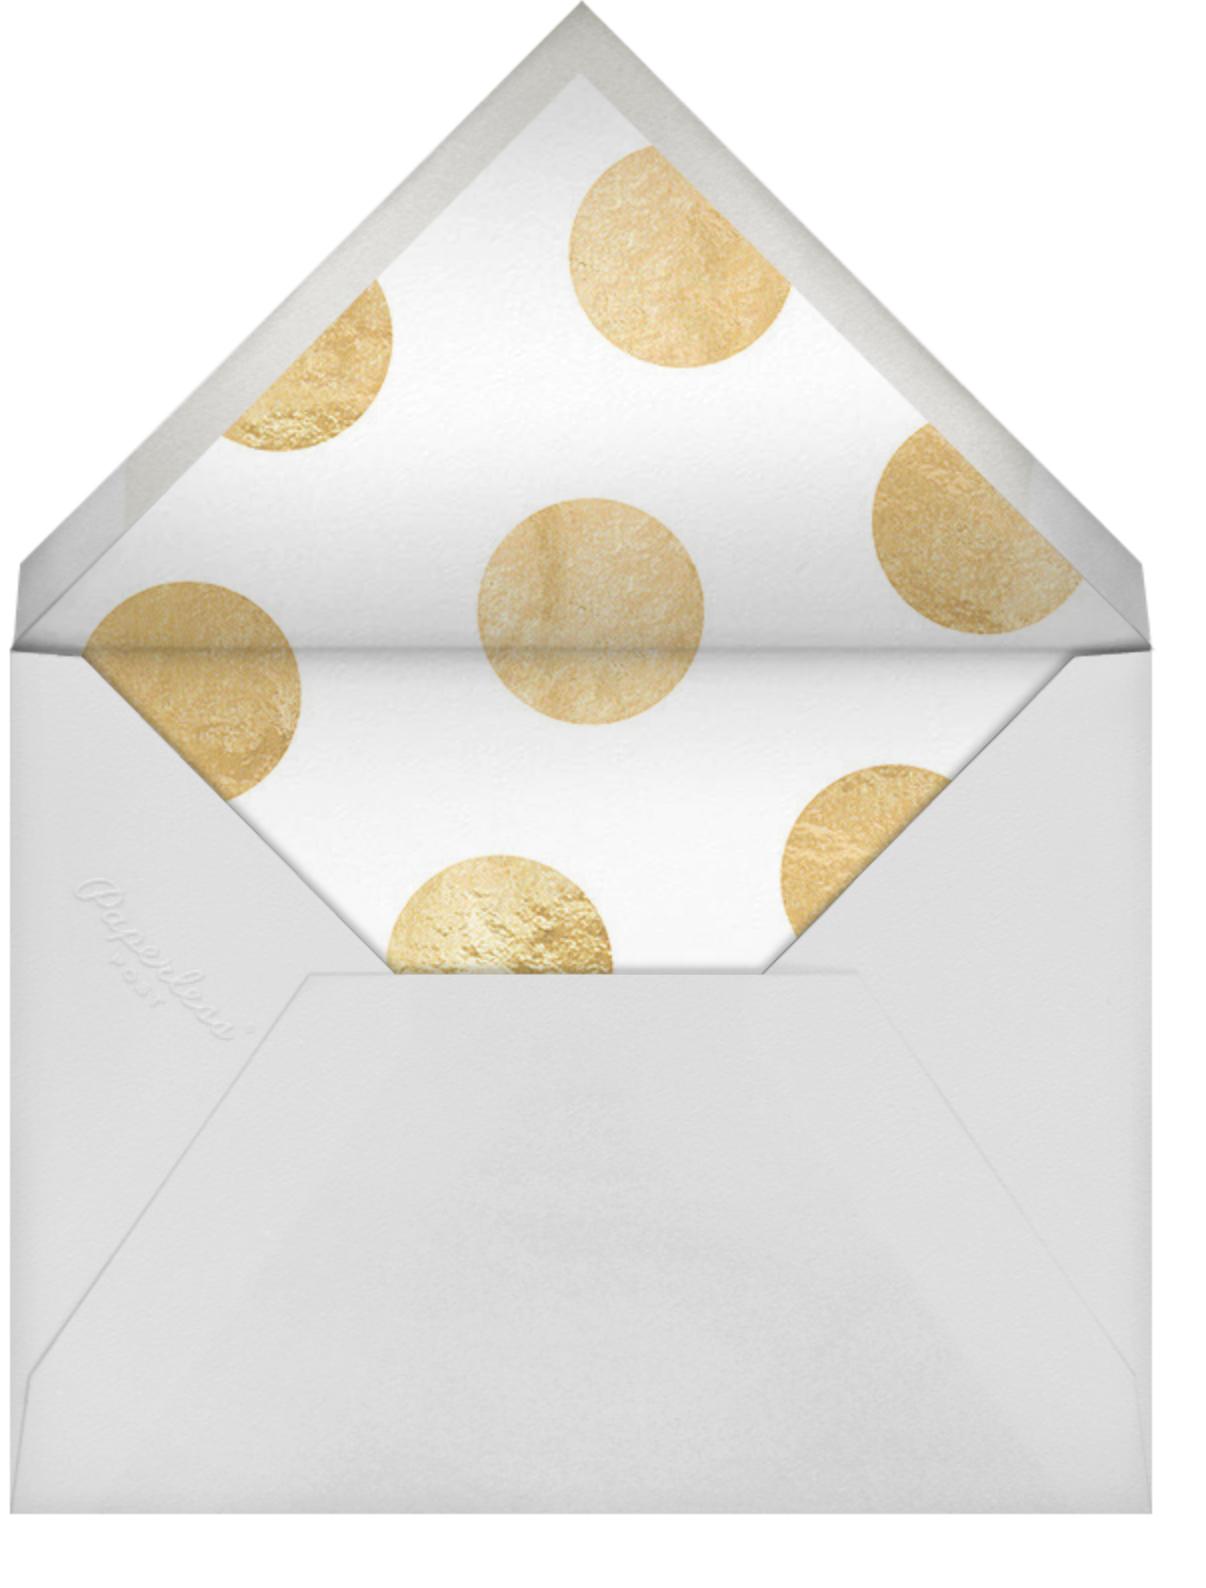 Celebration Dots - Charcoal/Gold - Sugar Paper - Hanukkah - envelope back